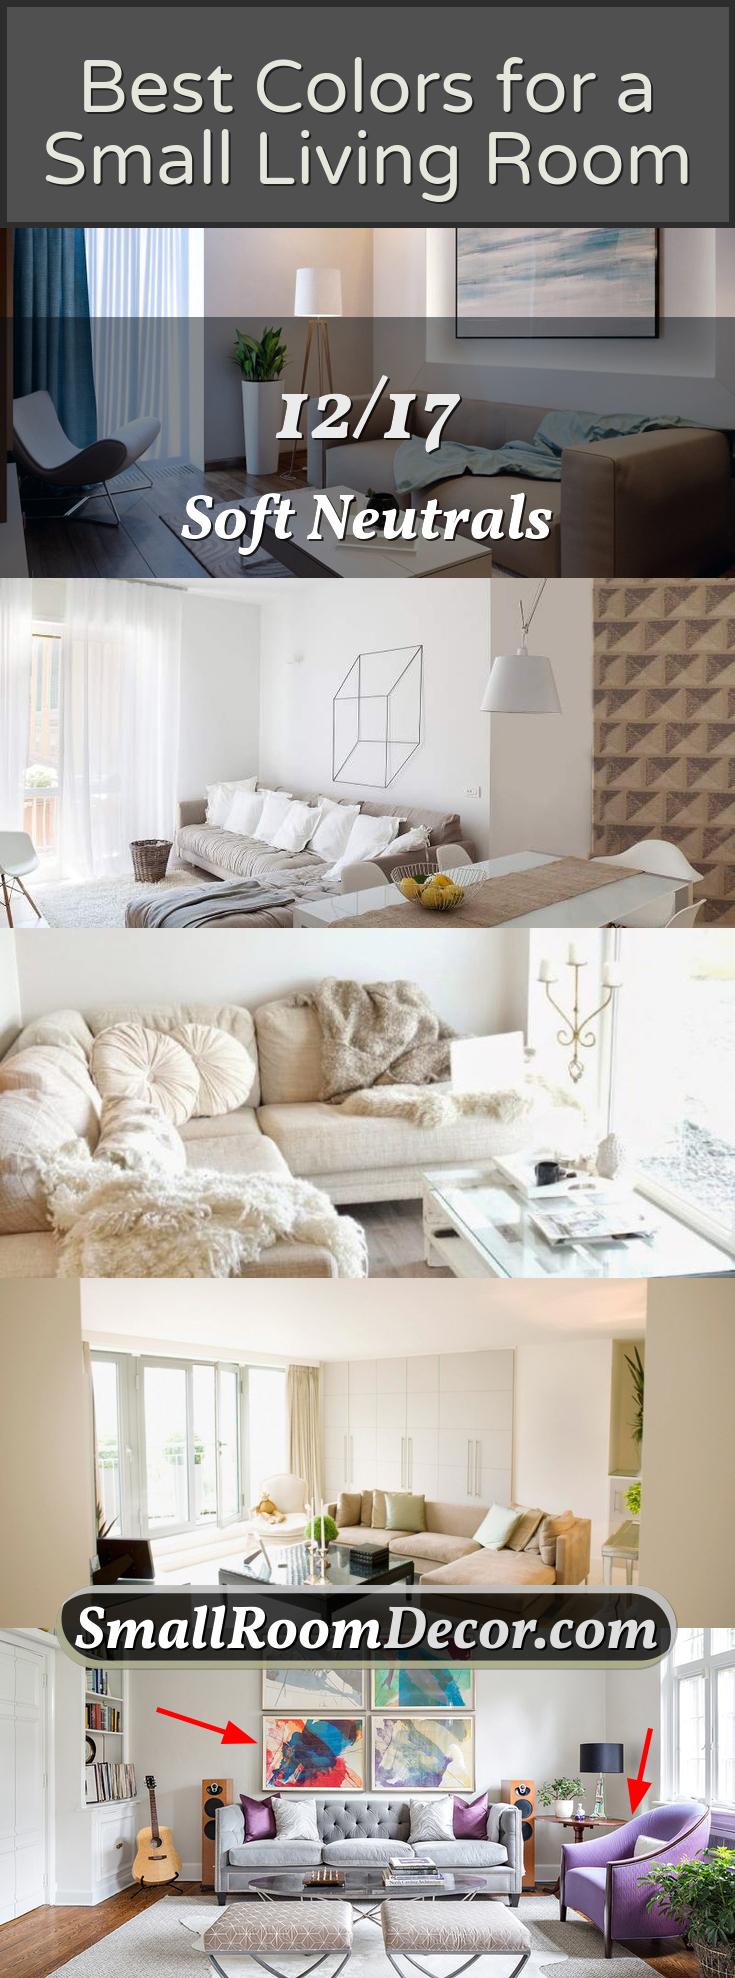 Soft neutrals color scheme design #livingroomcolorscheme